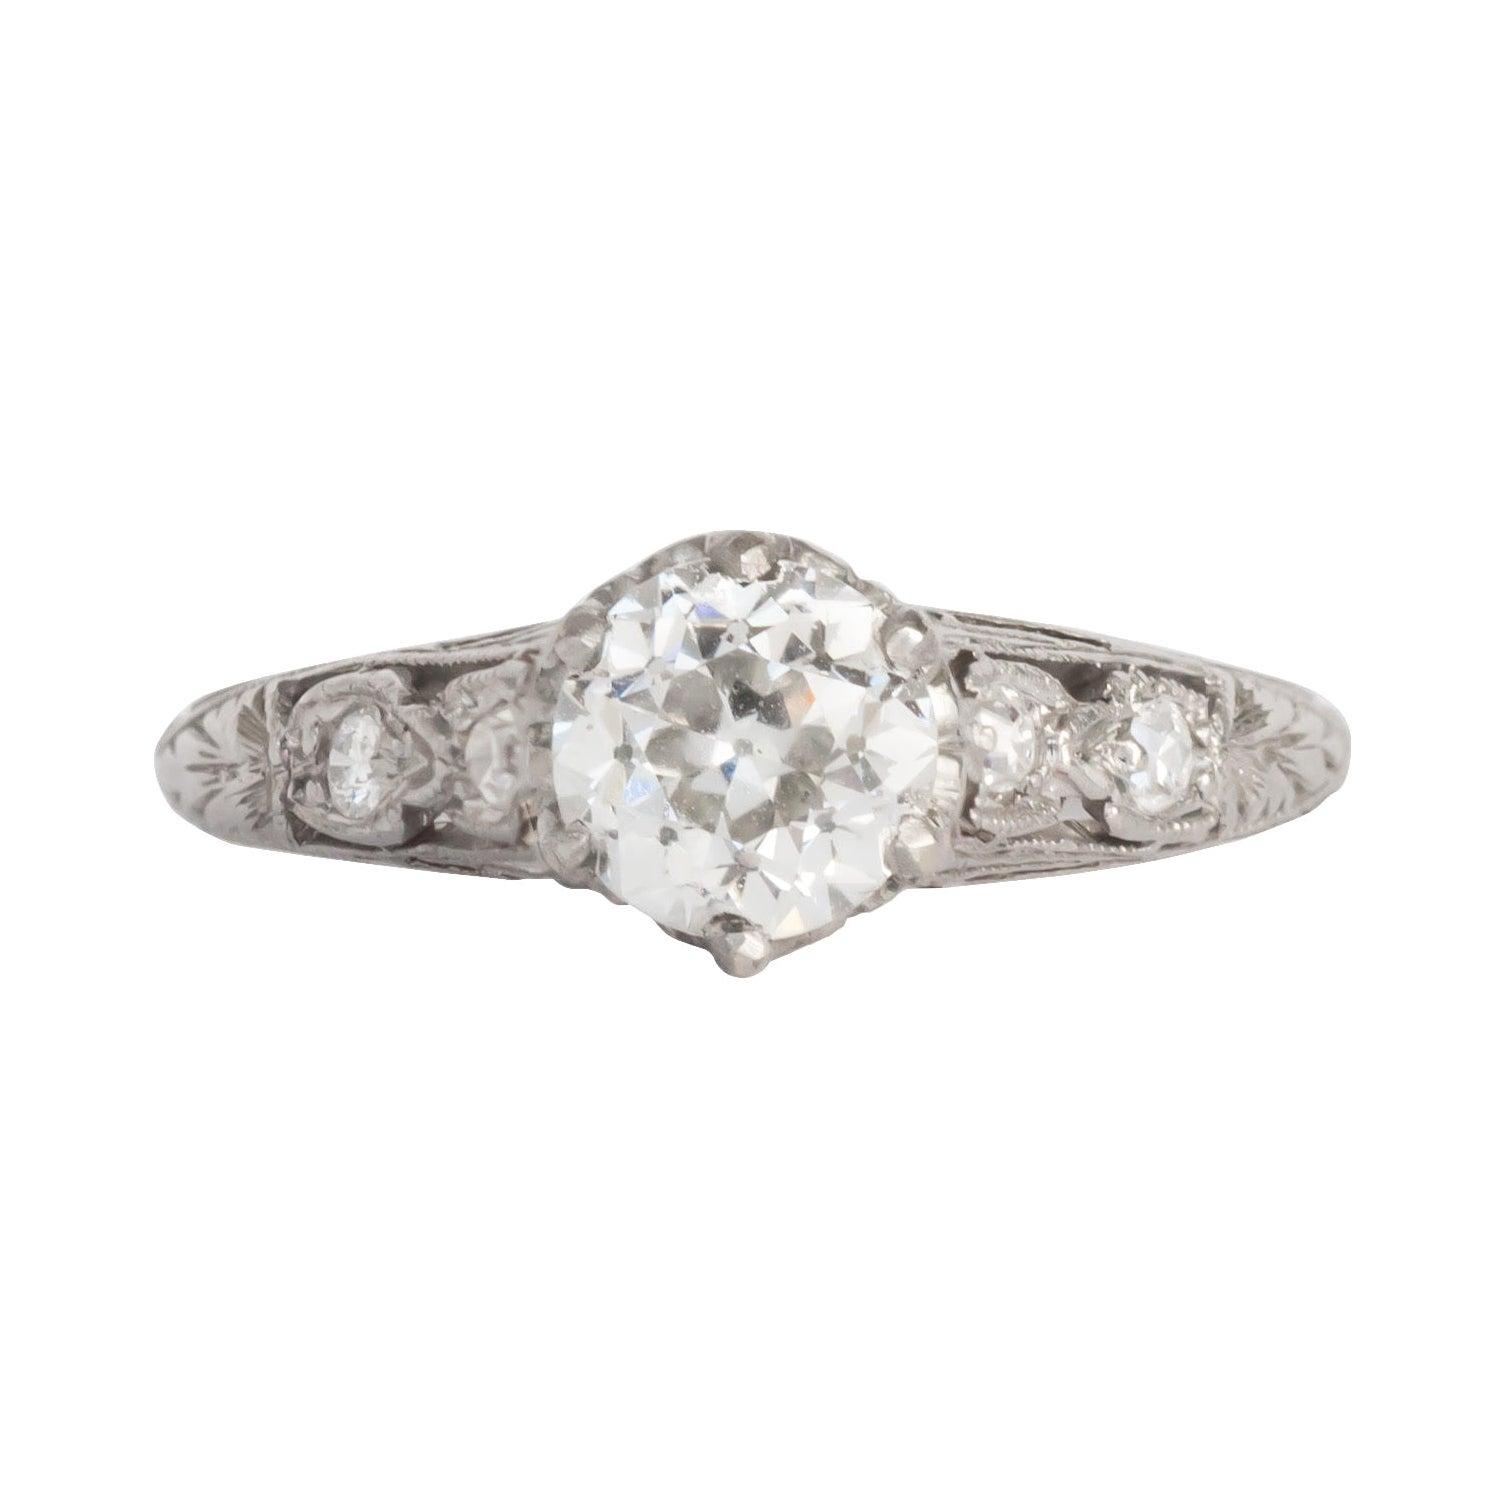 Edwardian .93 Carat Old European Cut Diamond Platinum Engagement Ring